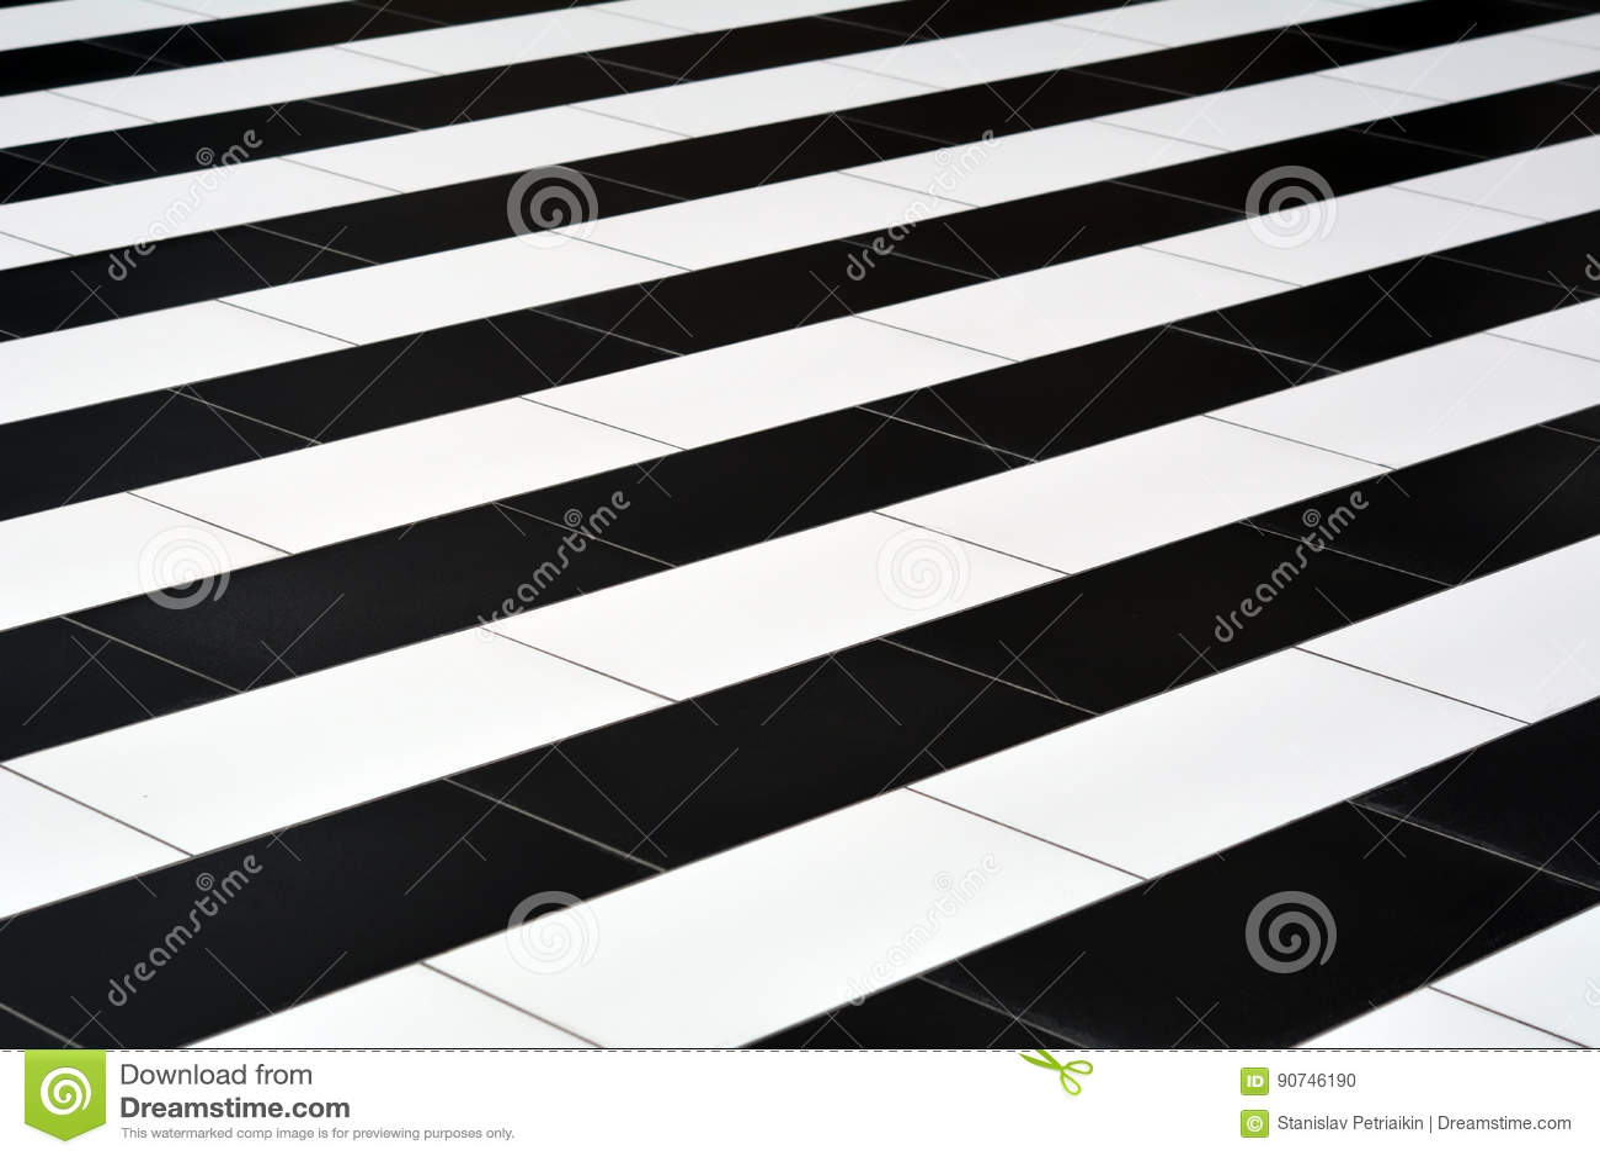 Zwart Witte Tegels : Zwart witte tegels op de vloer stock foto afbeelding bestaande